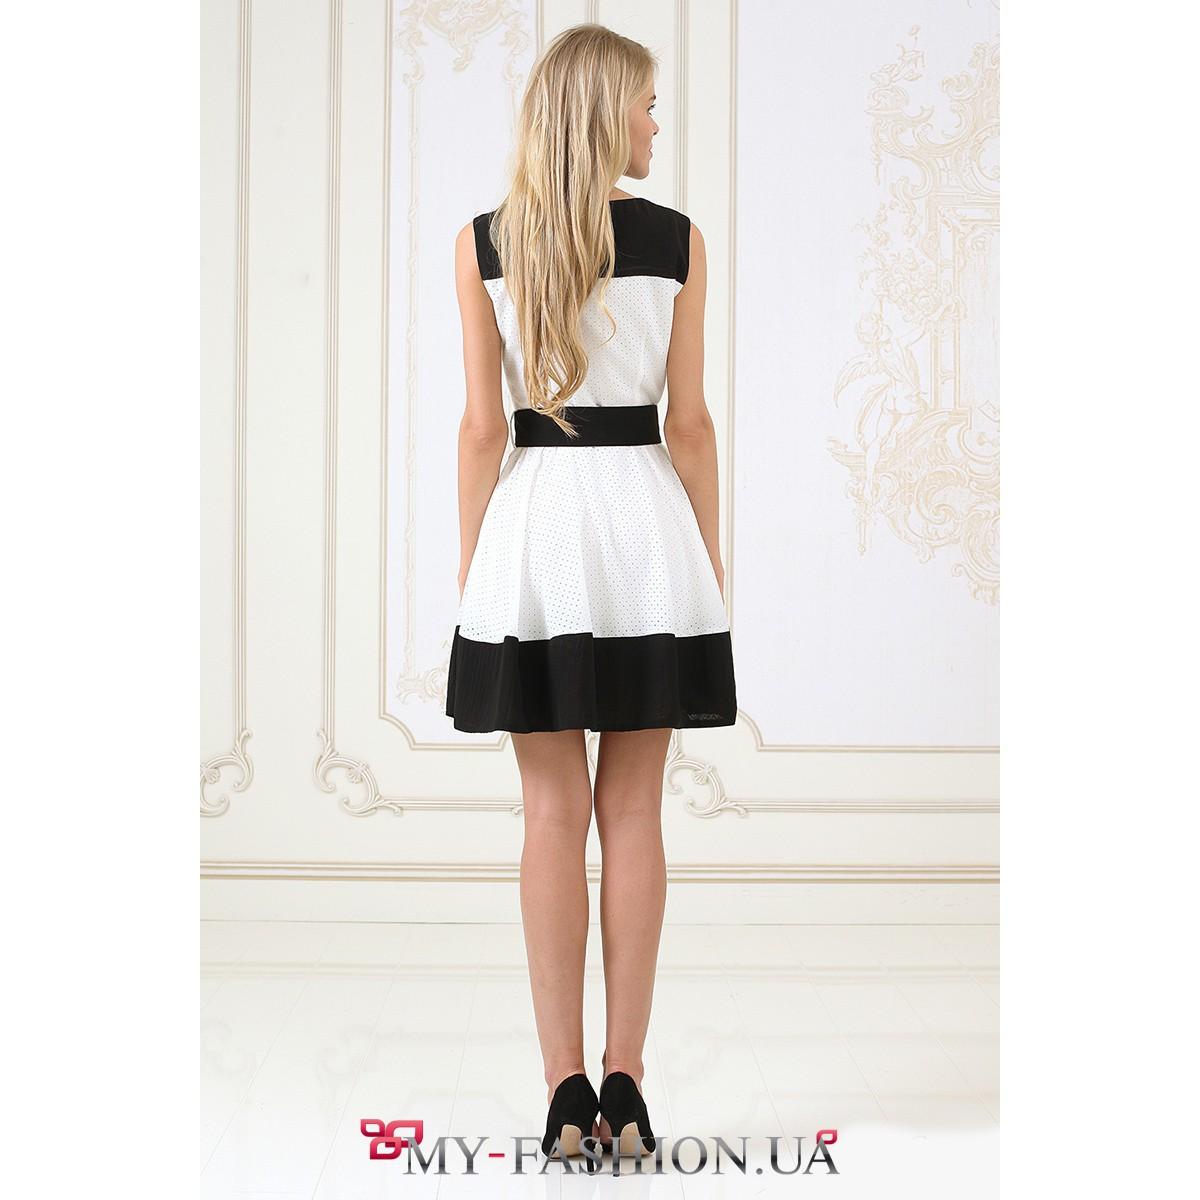 Купить платье черно белое короткое